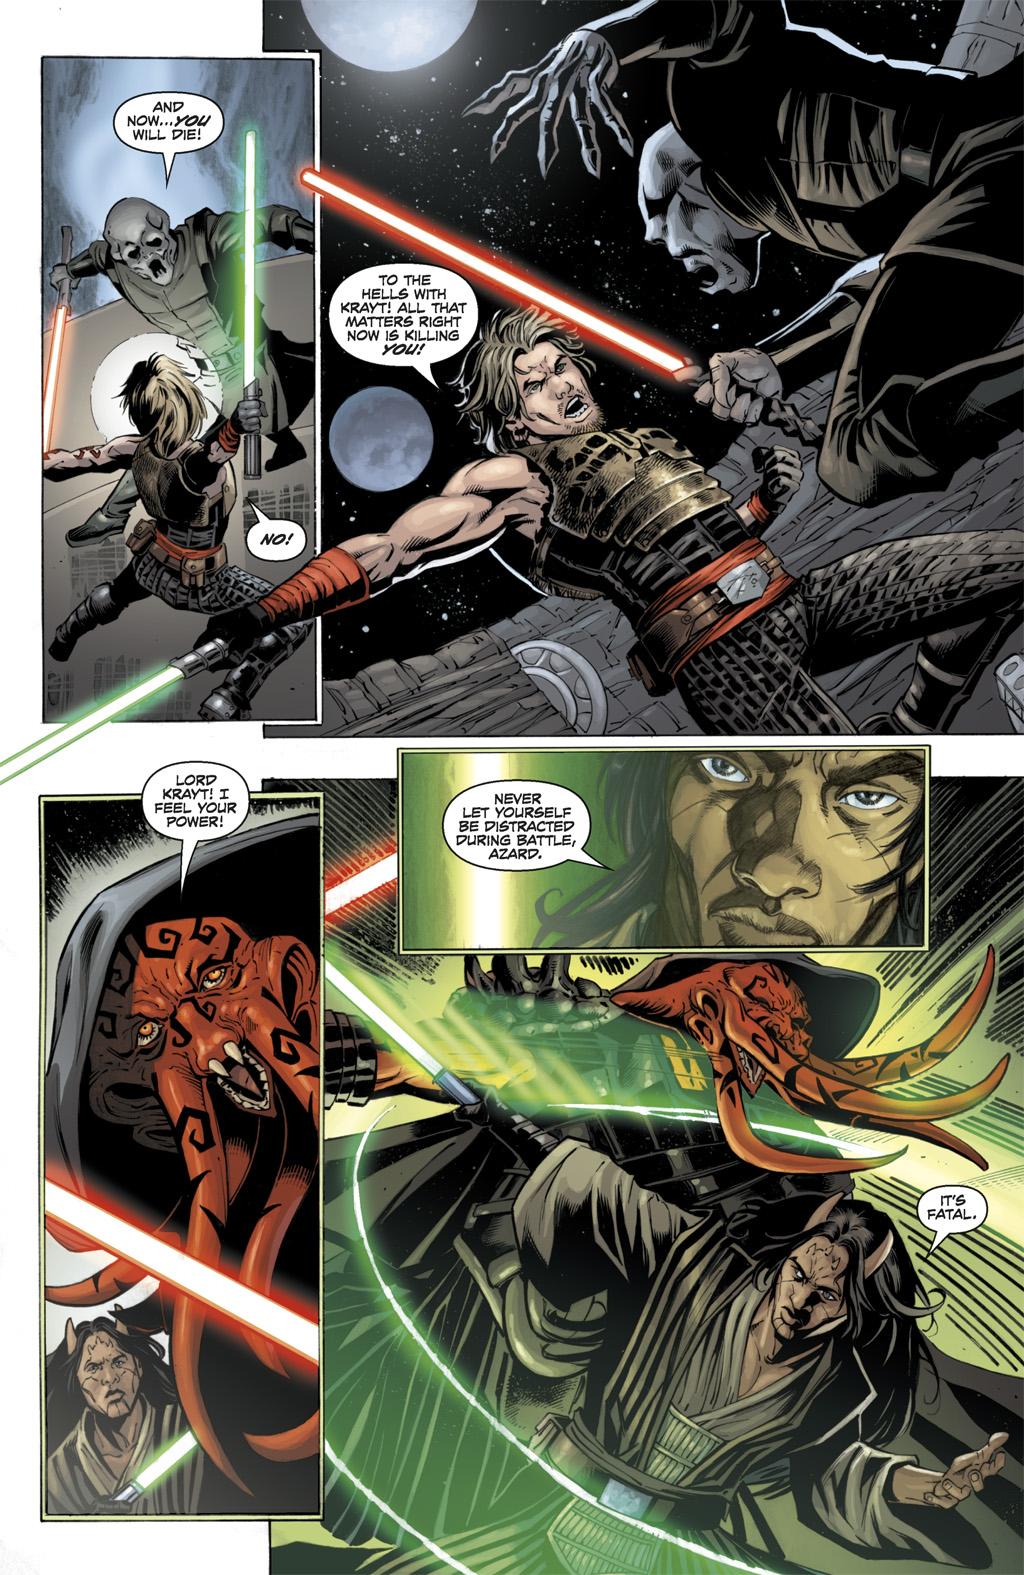 Cade Skywalker Kills Vul Isen